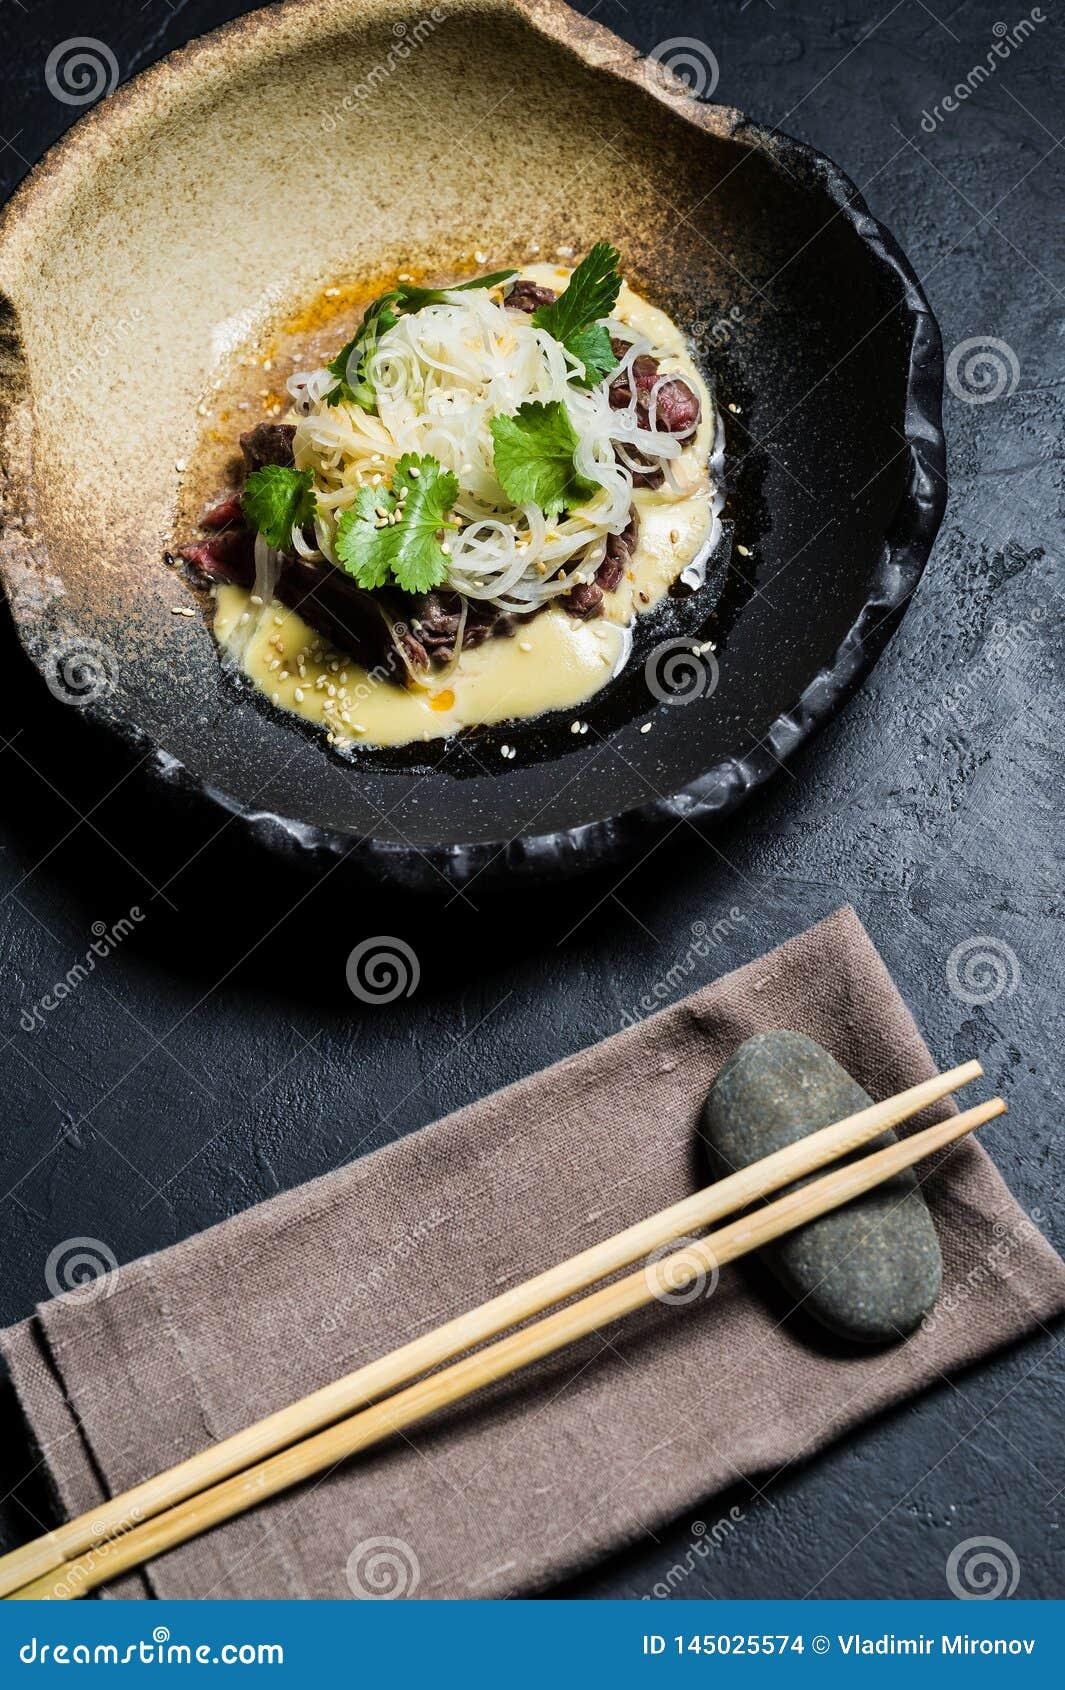 Rinforzi il filetto con le tagliatelle di vetro e del salsa, fondo scuro